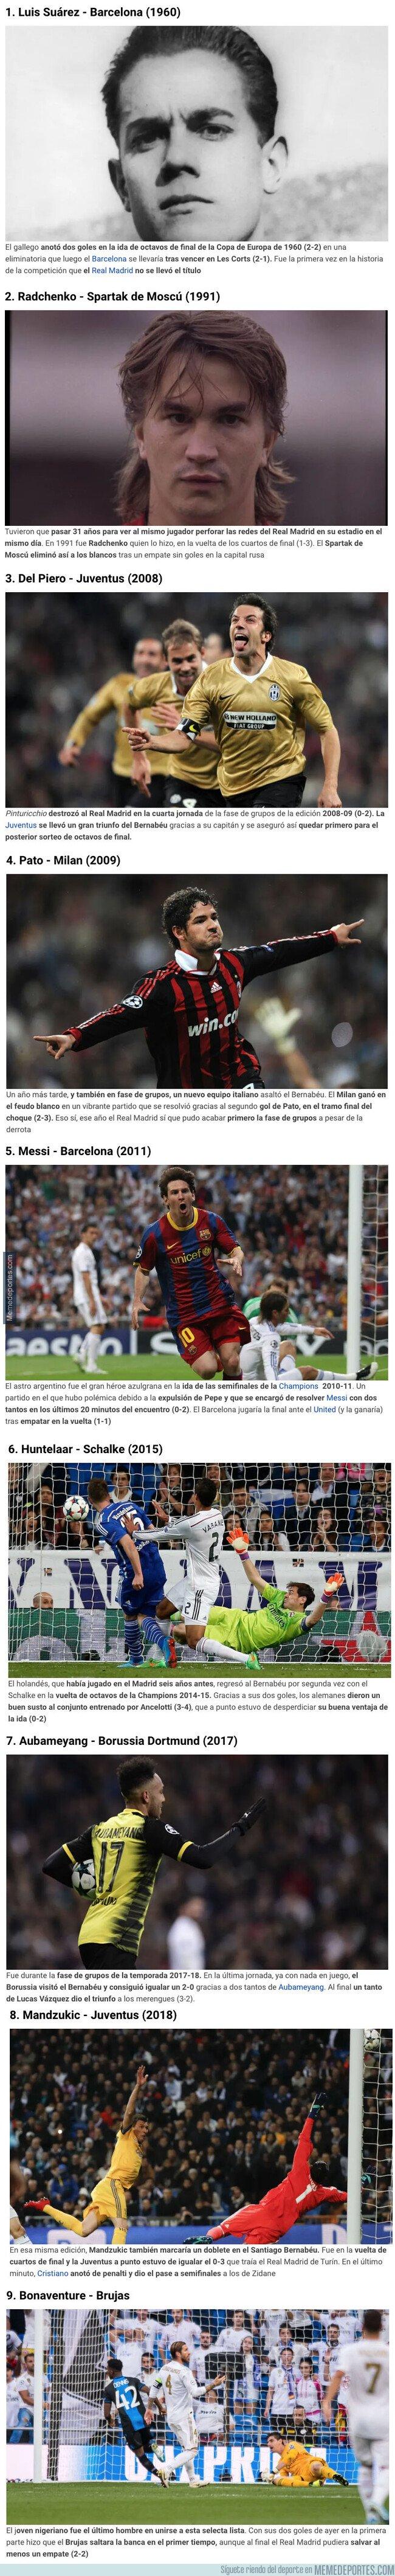 1087406 - Jugadores que le han hecho un doblete al Real Madrid en Copa de Europa en su estadio